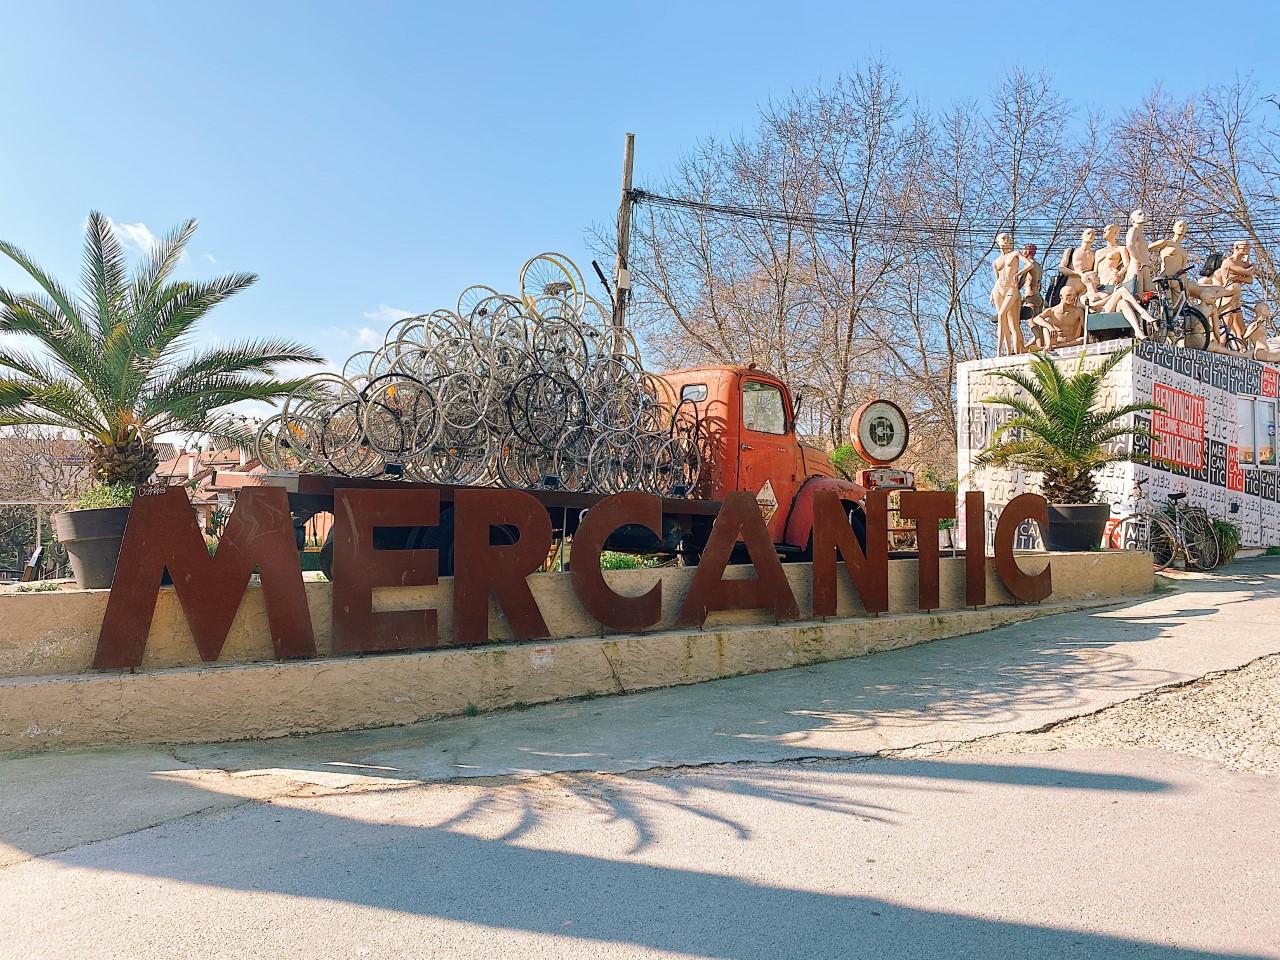 Arte Boheme, Arte Boheme mercantic, Mercantic Barcelona, Mercantic catalunya, Thift shop Barcelona, Barcelona Spain, San Cougat, Mercantic, Vintage Mercantic